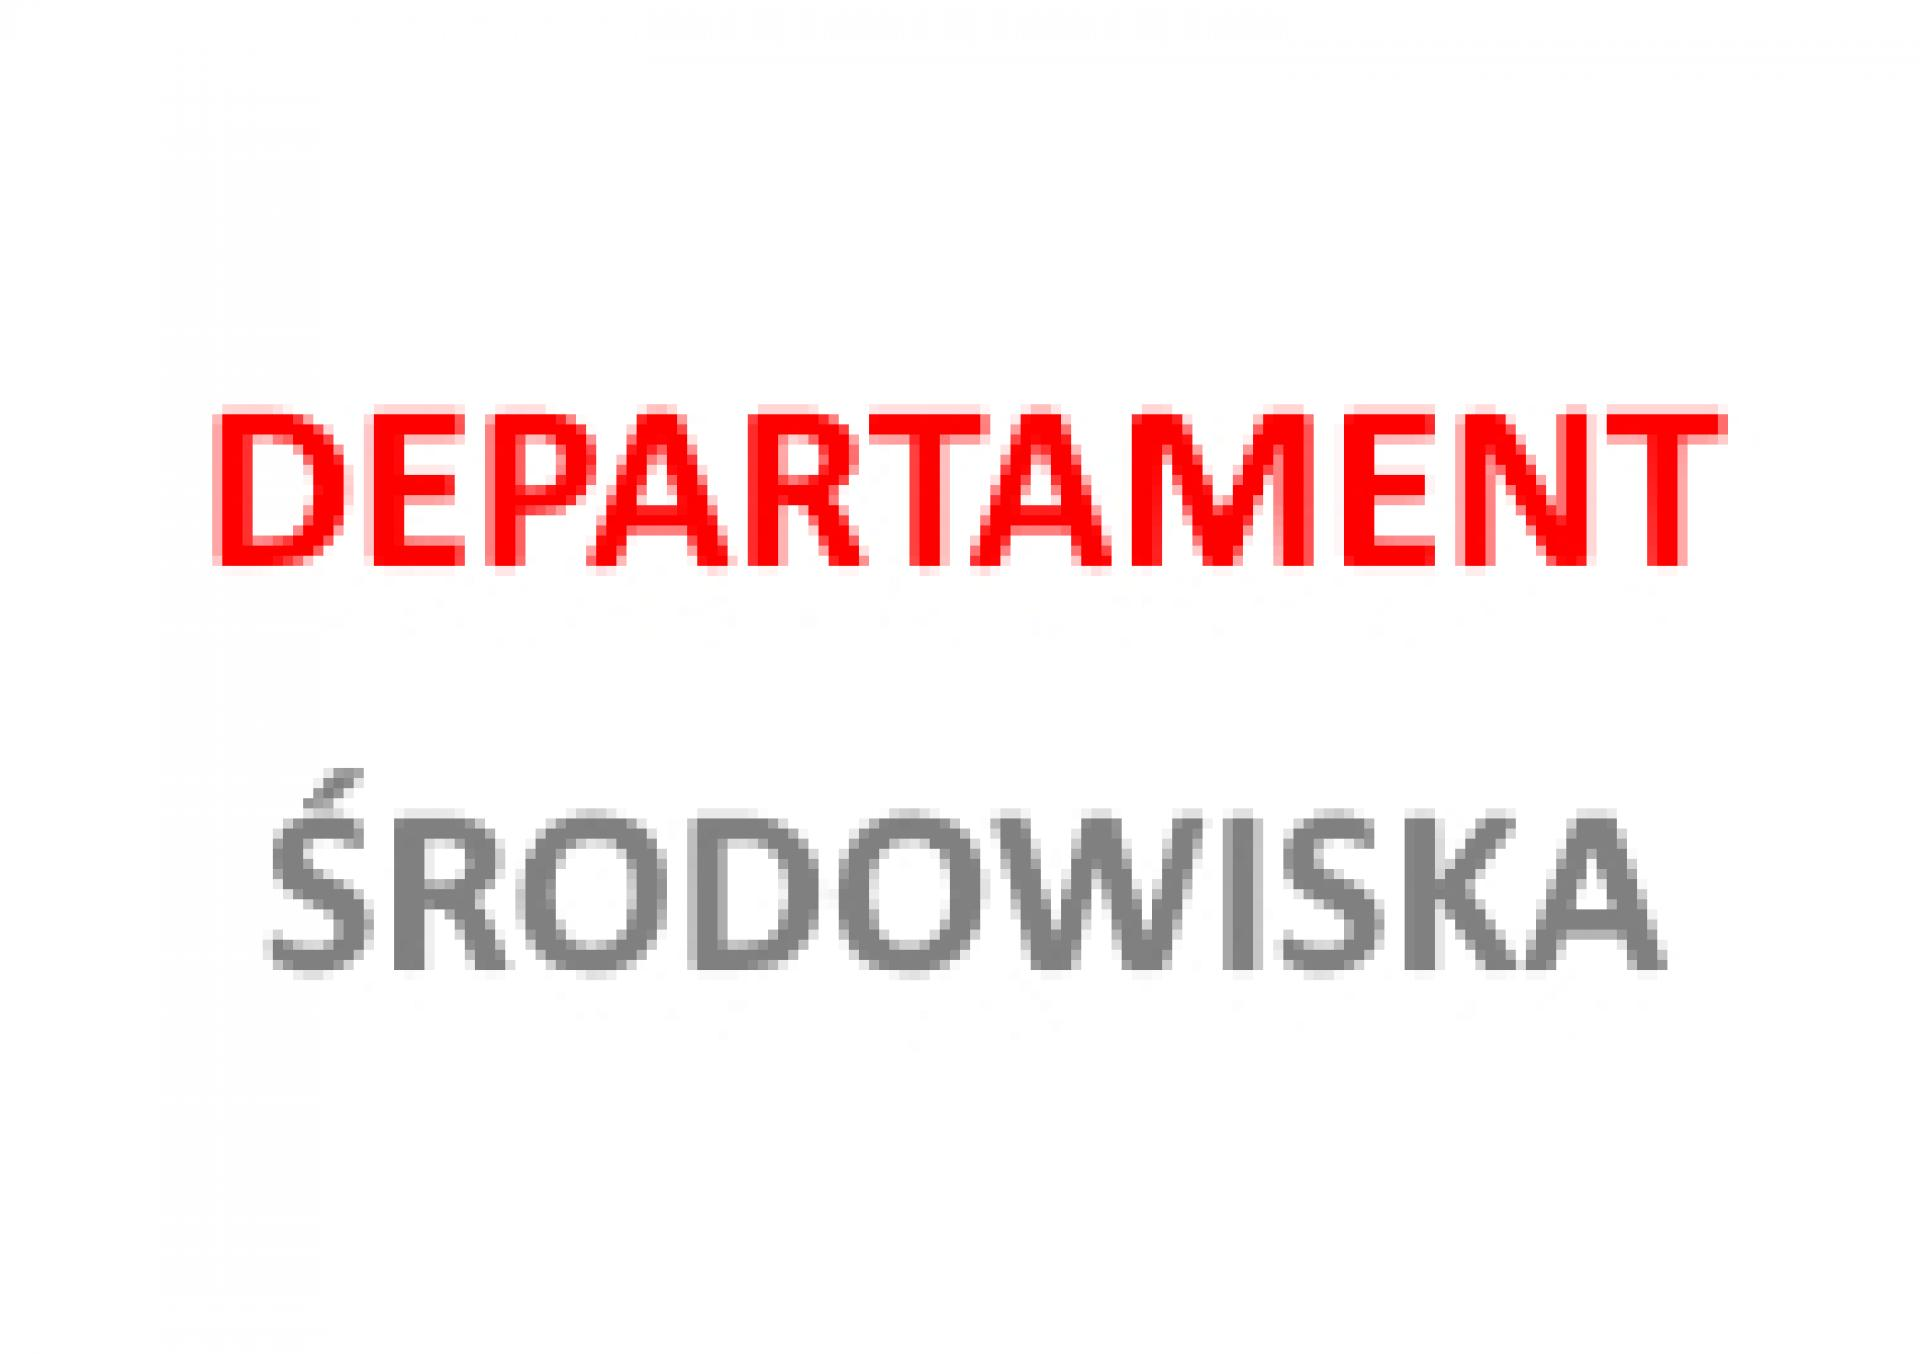 Przemysł a ochrona środowiska – rozwój województwa wielkopolskiego w oparciu o gospodarkę wodorową - zobacz więcej